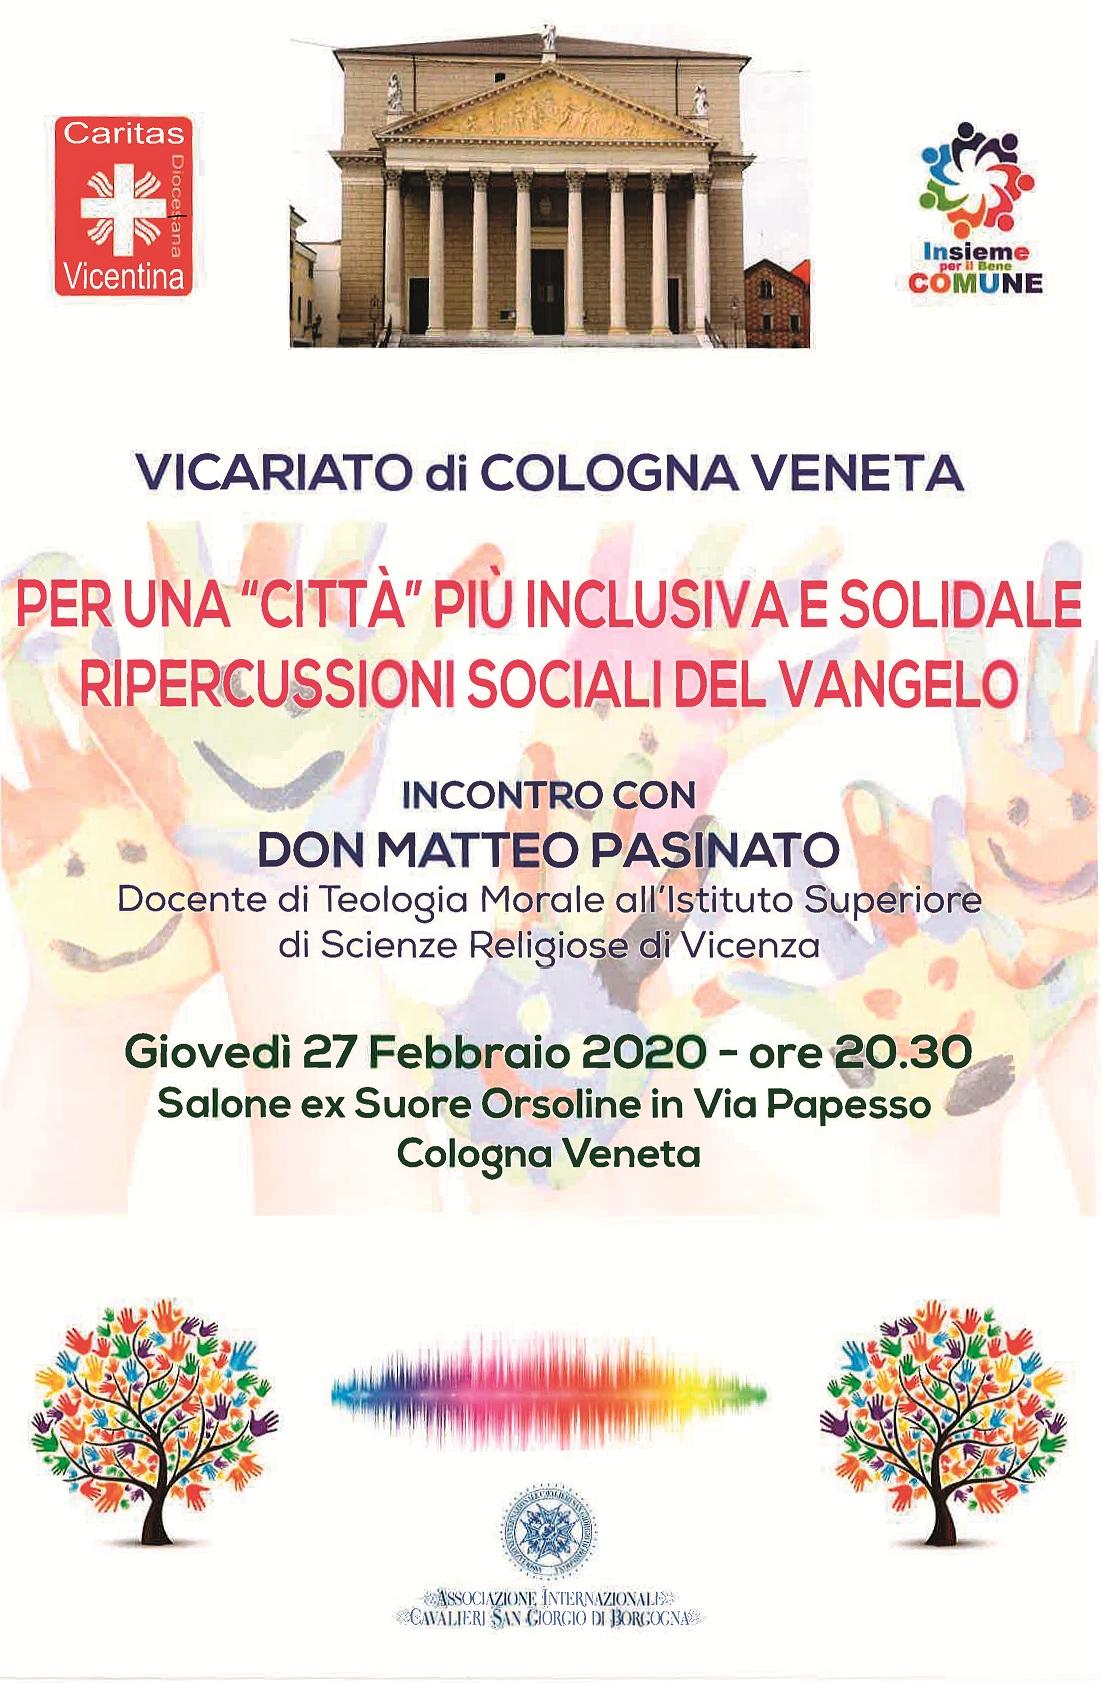 Cologna Veneta, un incontro per parlare di inclusione, solidarietà e Vangelo